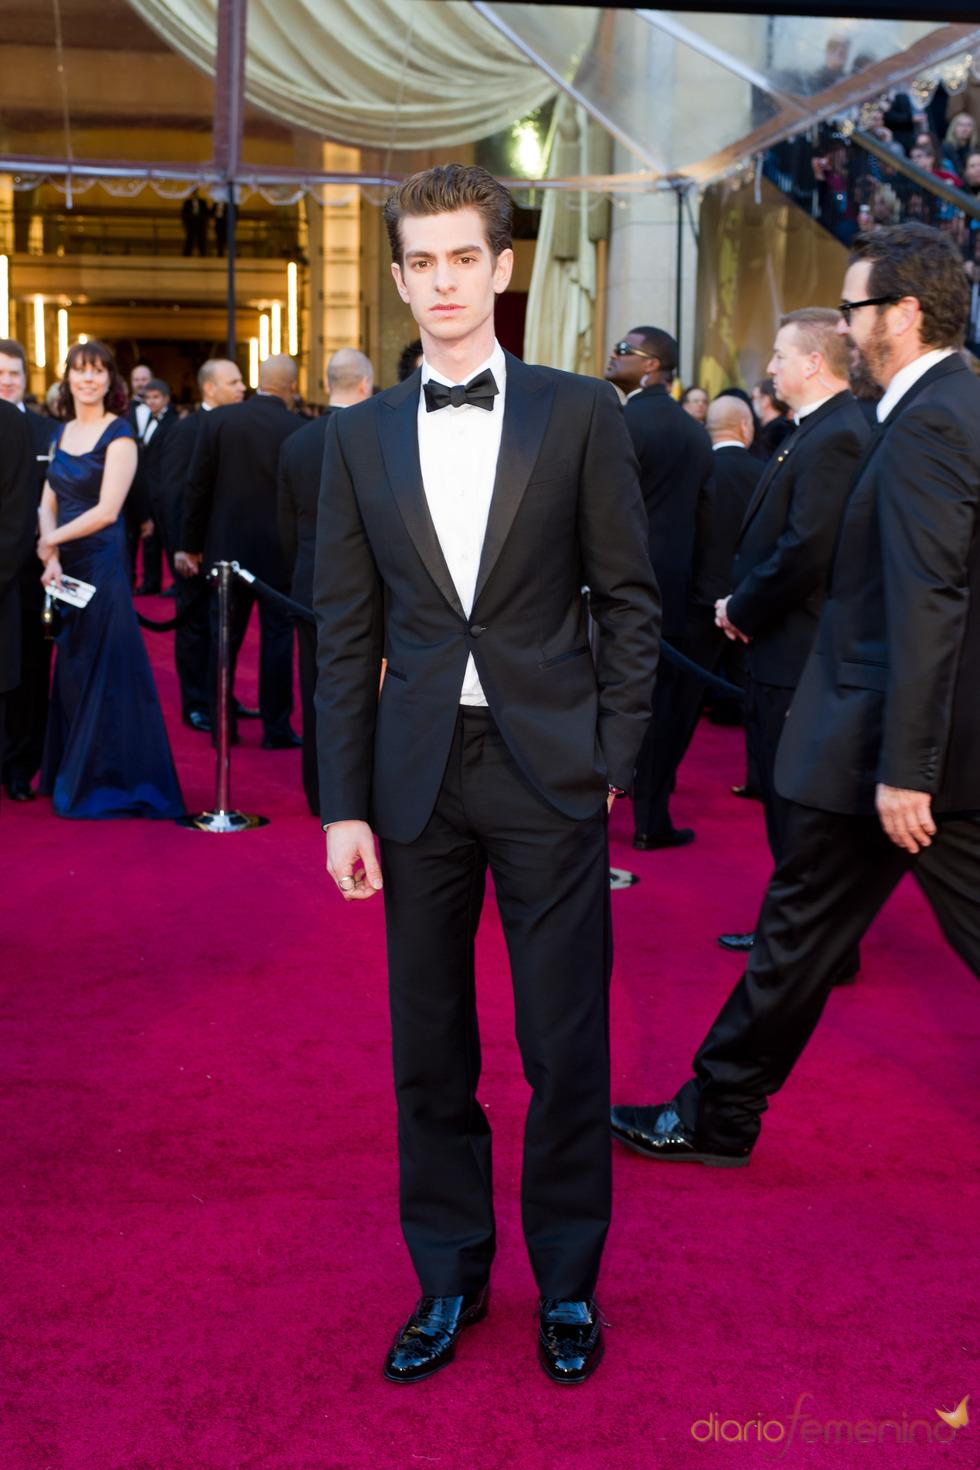 Andrew Garfield en la alfombra roja de los Oscars 2011